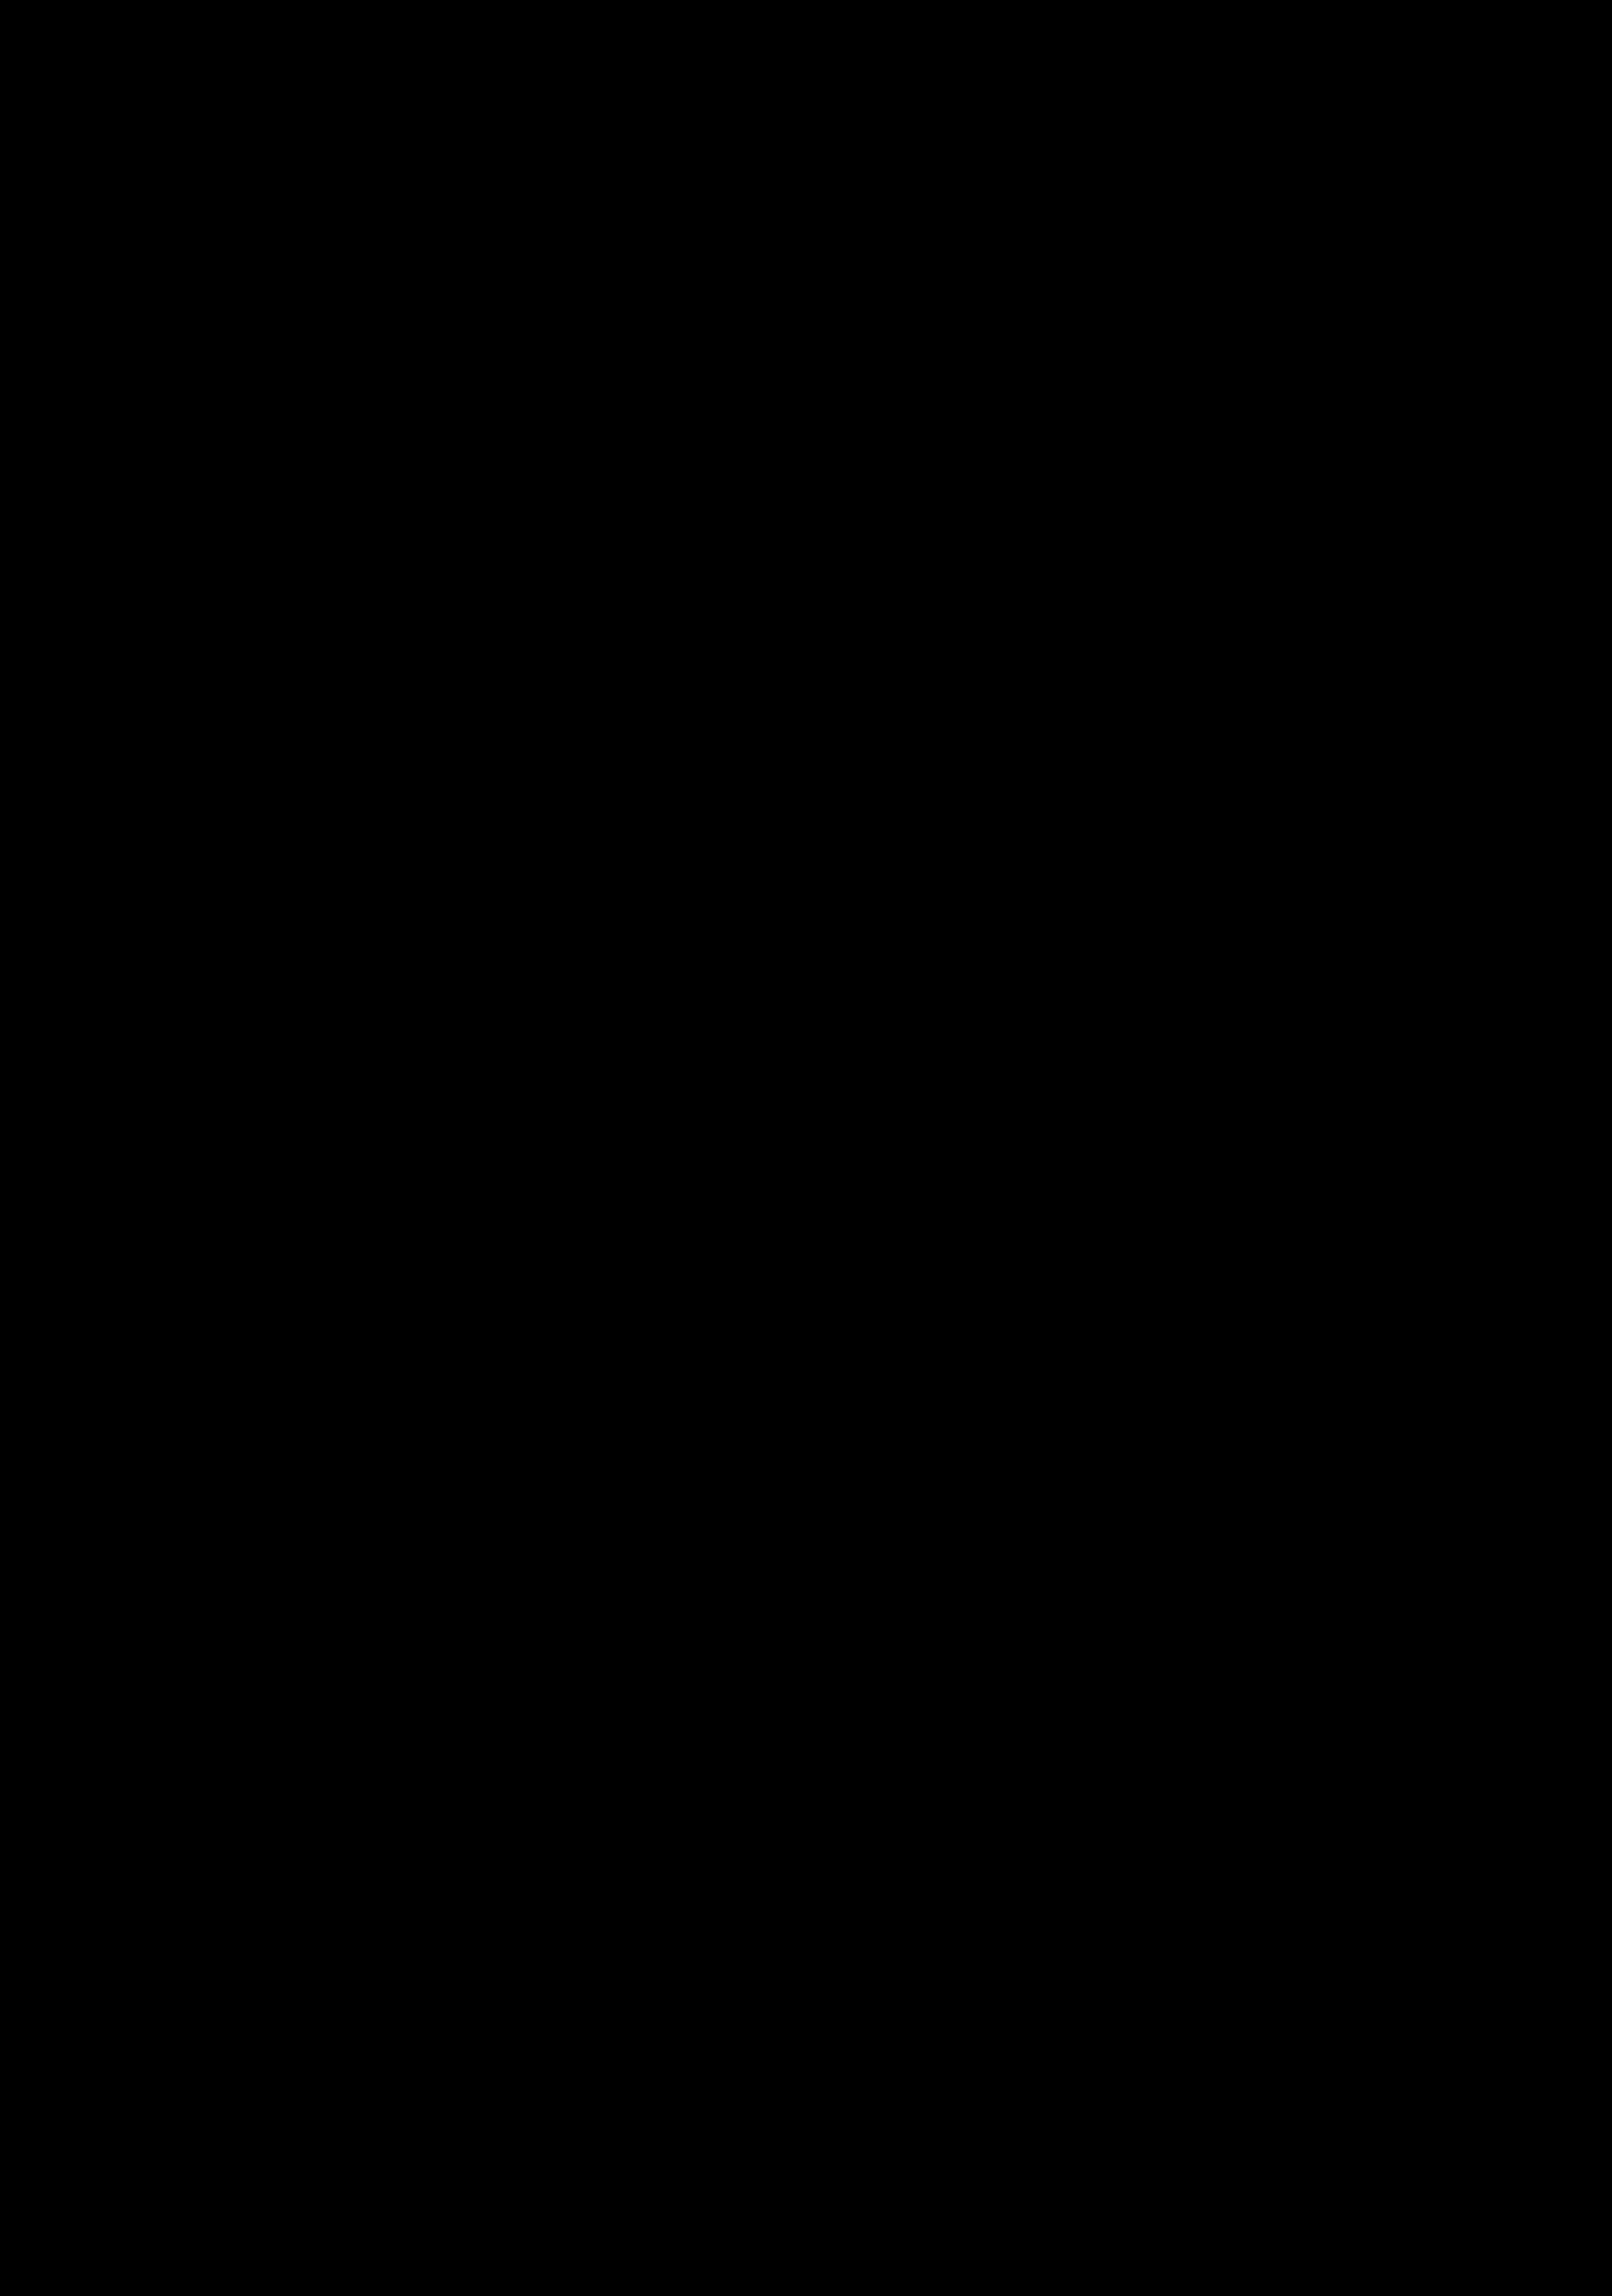 Е. П. Суворова Окружающий мир. 4 класс. Часть 1 е п суворова окружающий мир 1 класс методическое пособие с поурочными разработками